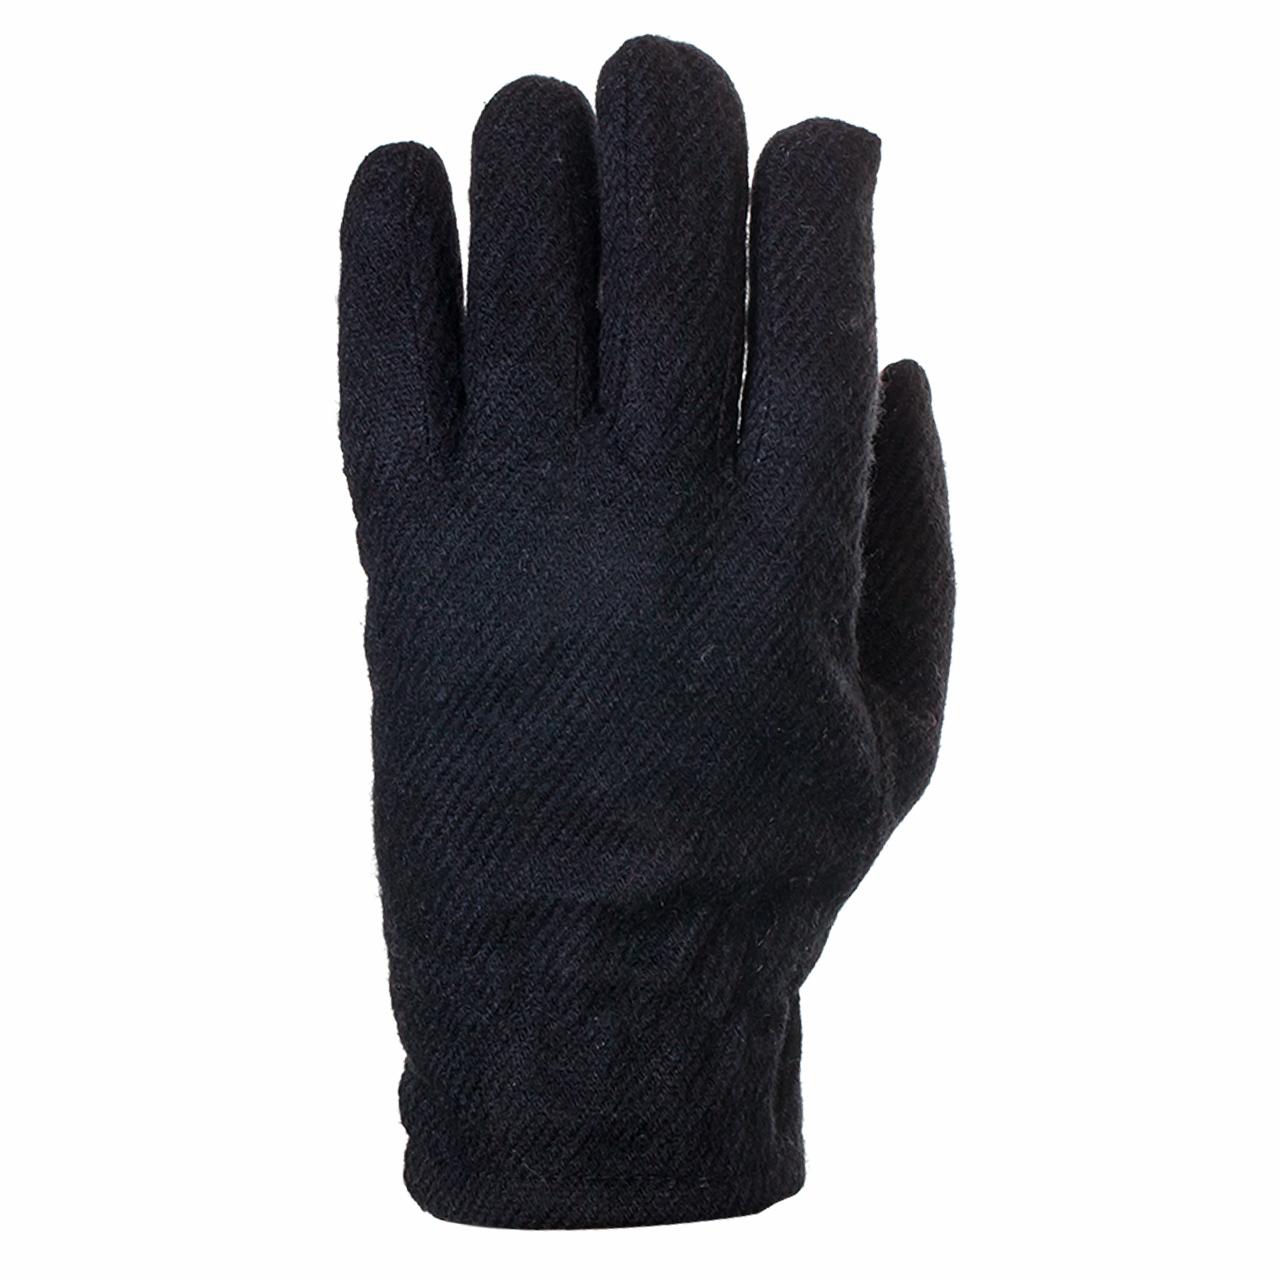 Не можете найти годные перчатки? Заходите в Военпро! Всё в наличии!